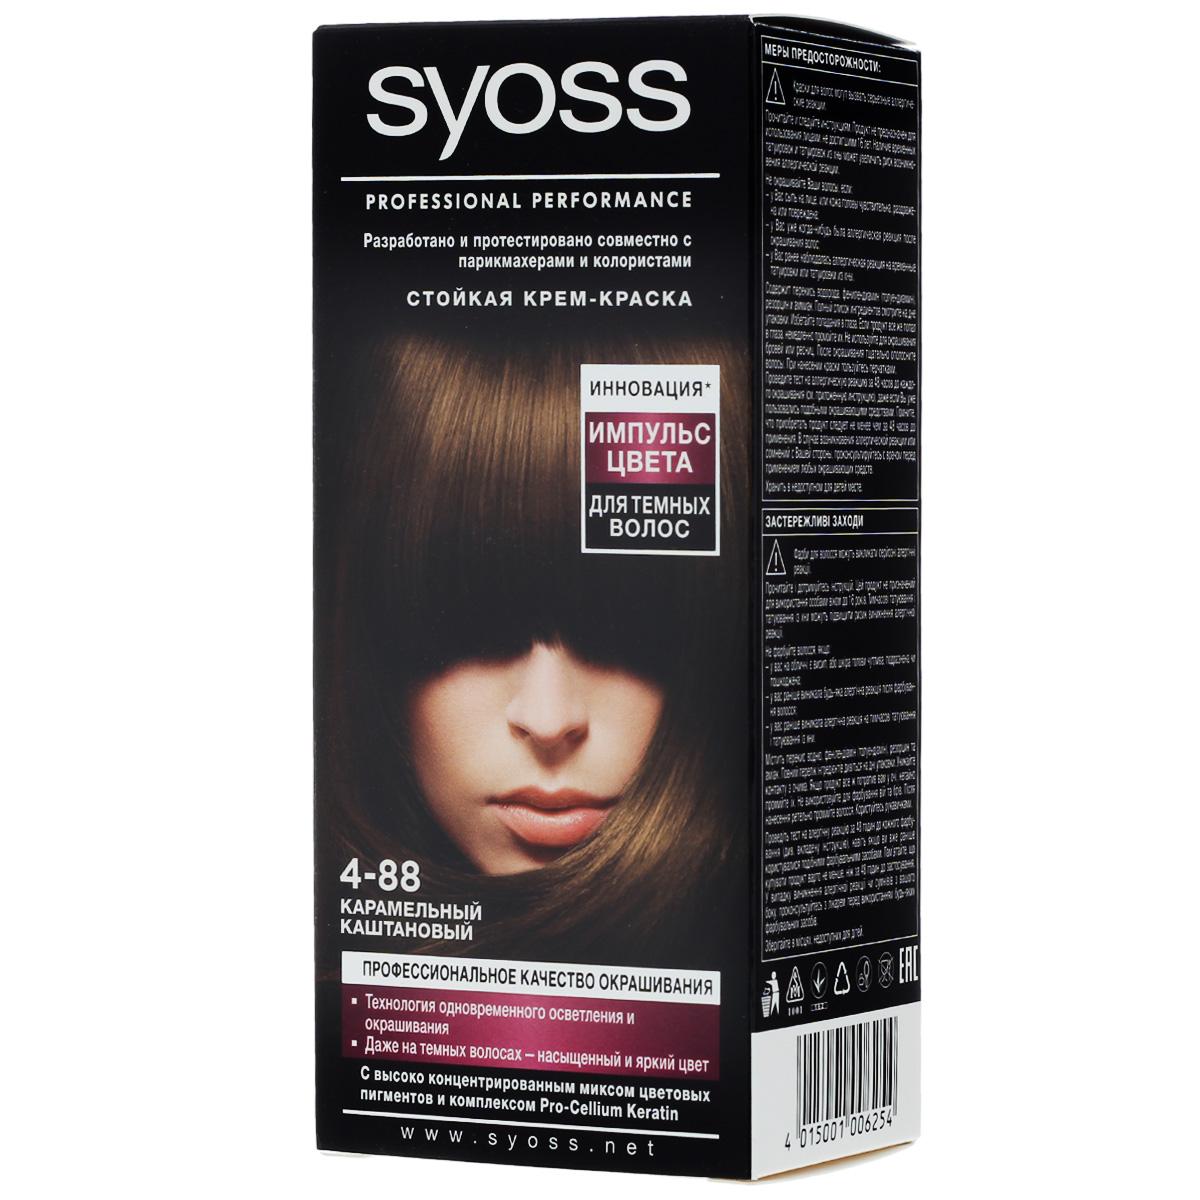 Syoss Color Краска для волос оттенок 4-88 Импульс цвета Карамельный каштановый, 115 мл9393603488